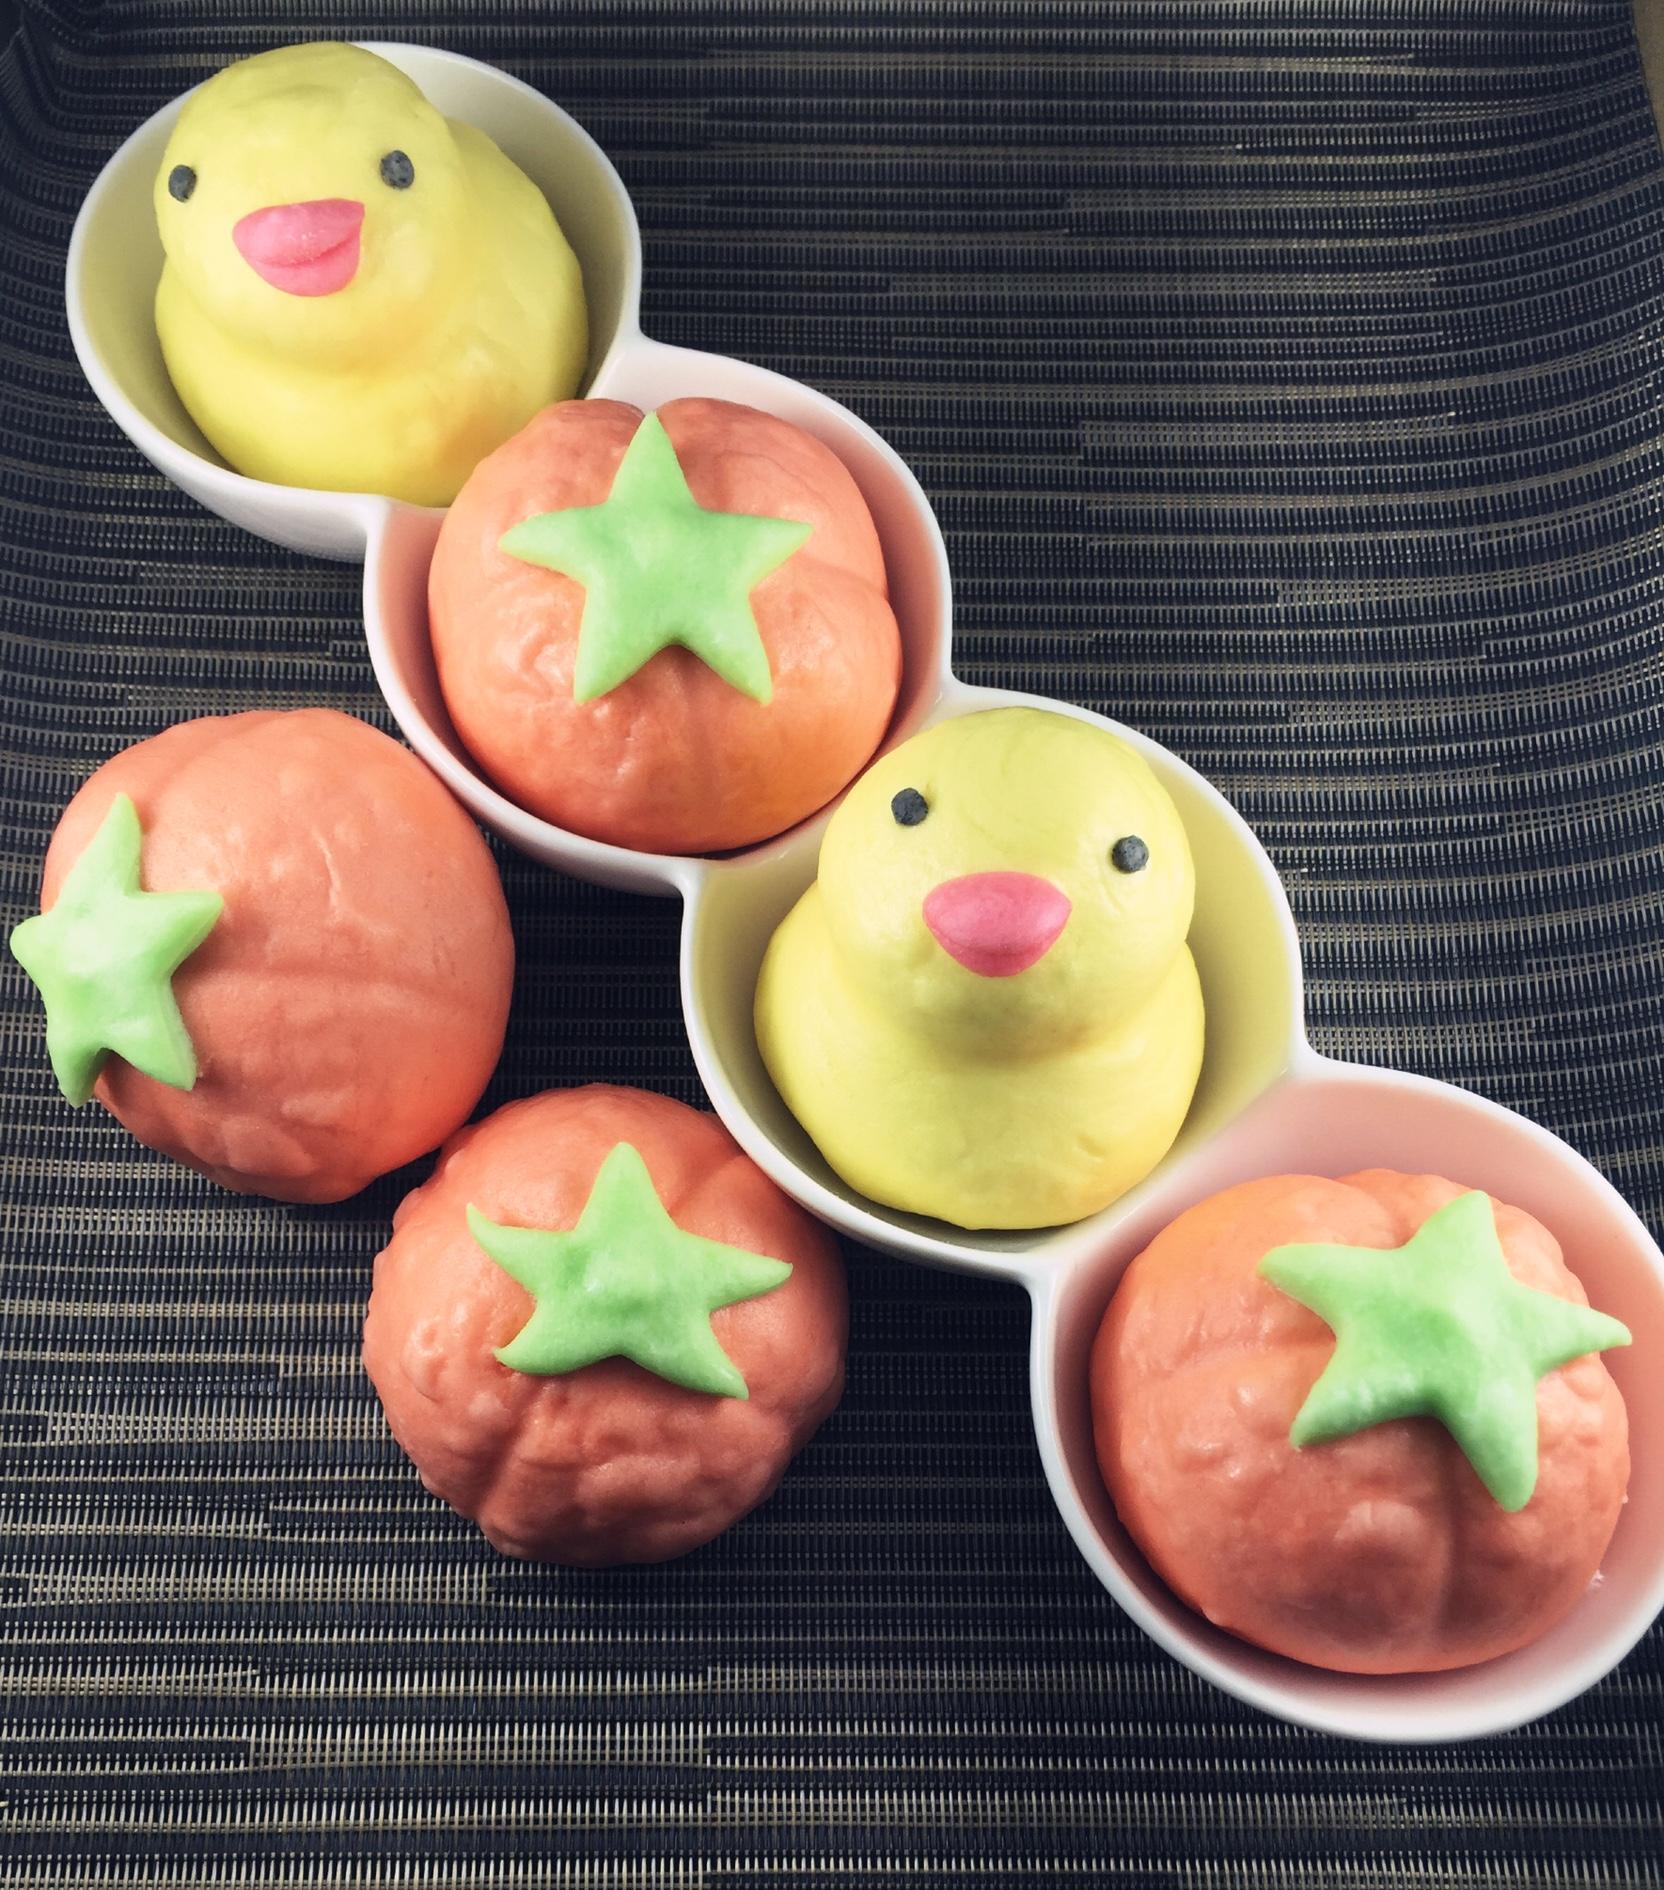 《御欣坊人氣美食》粉紅小豬甜甜包/番茄紅豆包/黃色小鴨芝麻包(10粒/包) 特價再享買十包送一包